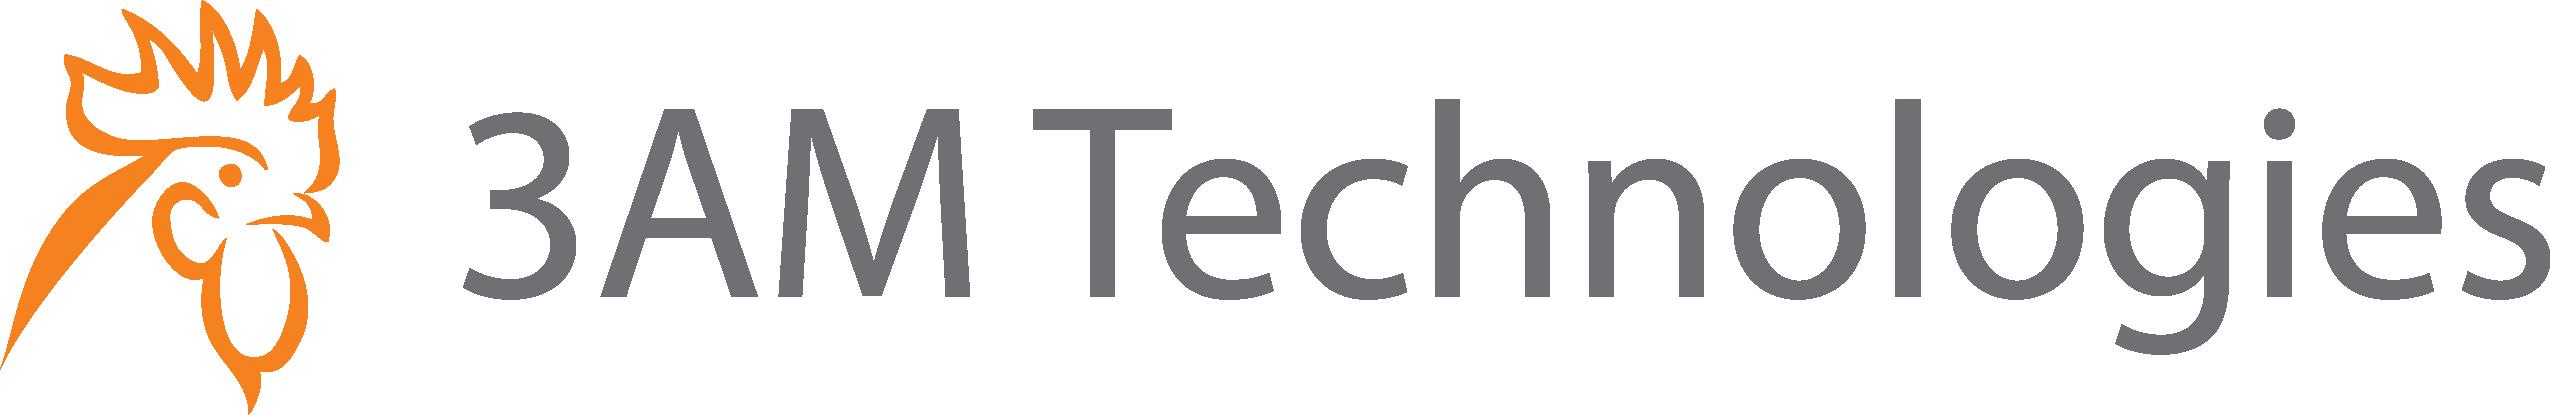 3AM Technologies